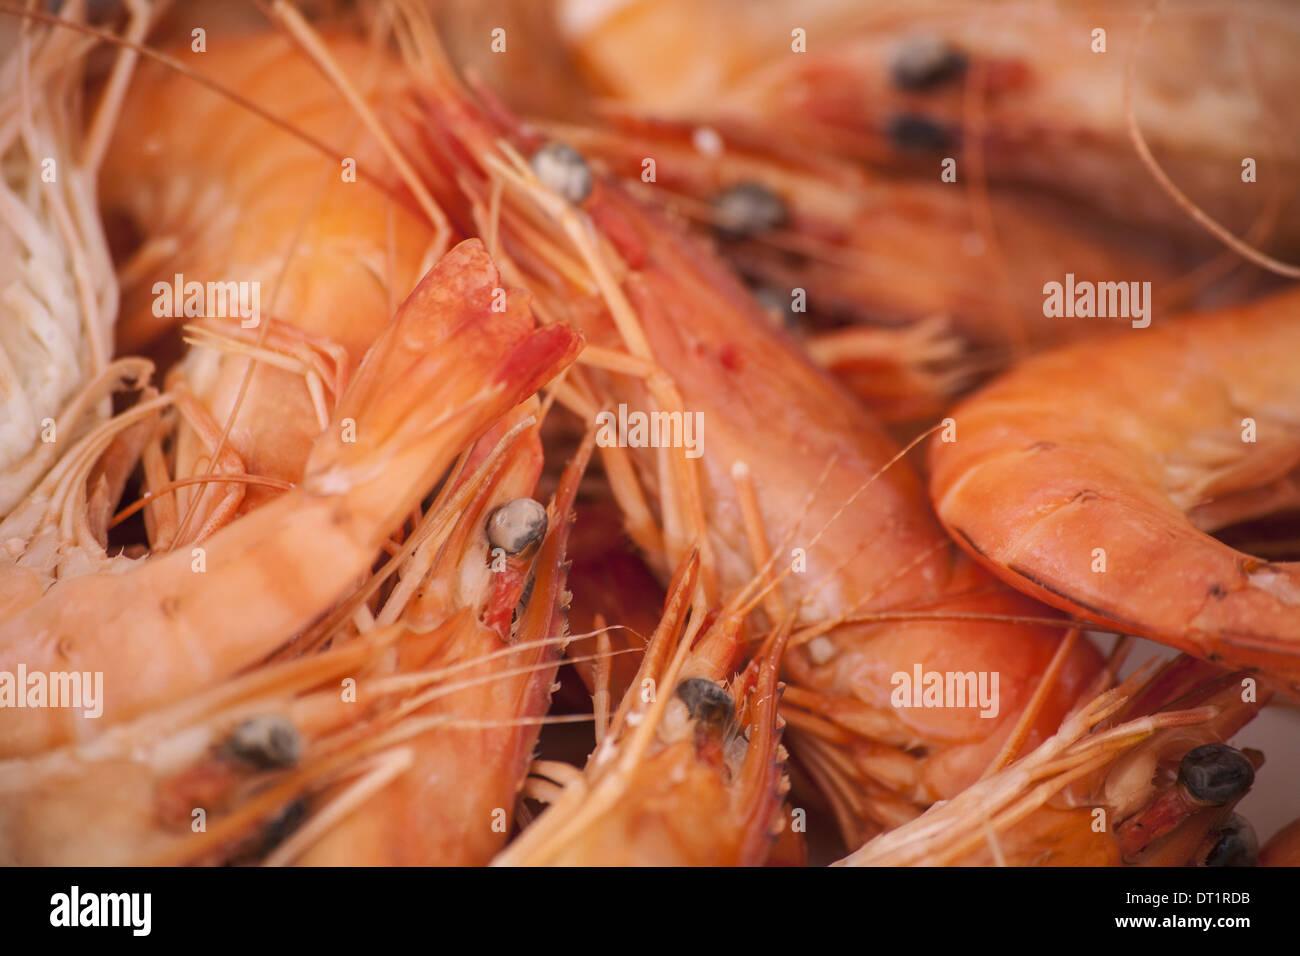 Un plat de crevettes fraîchement préparé avec des coquilles de fruits de mer sur les têtes et queues Photo Stock